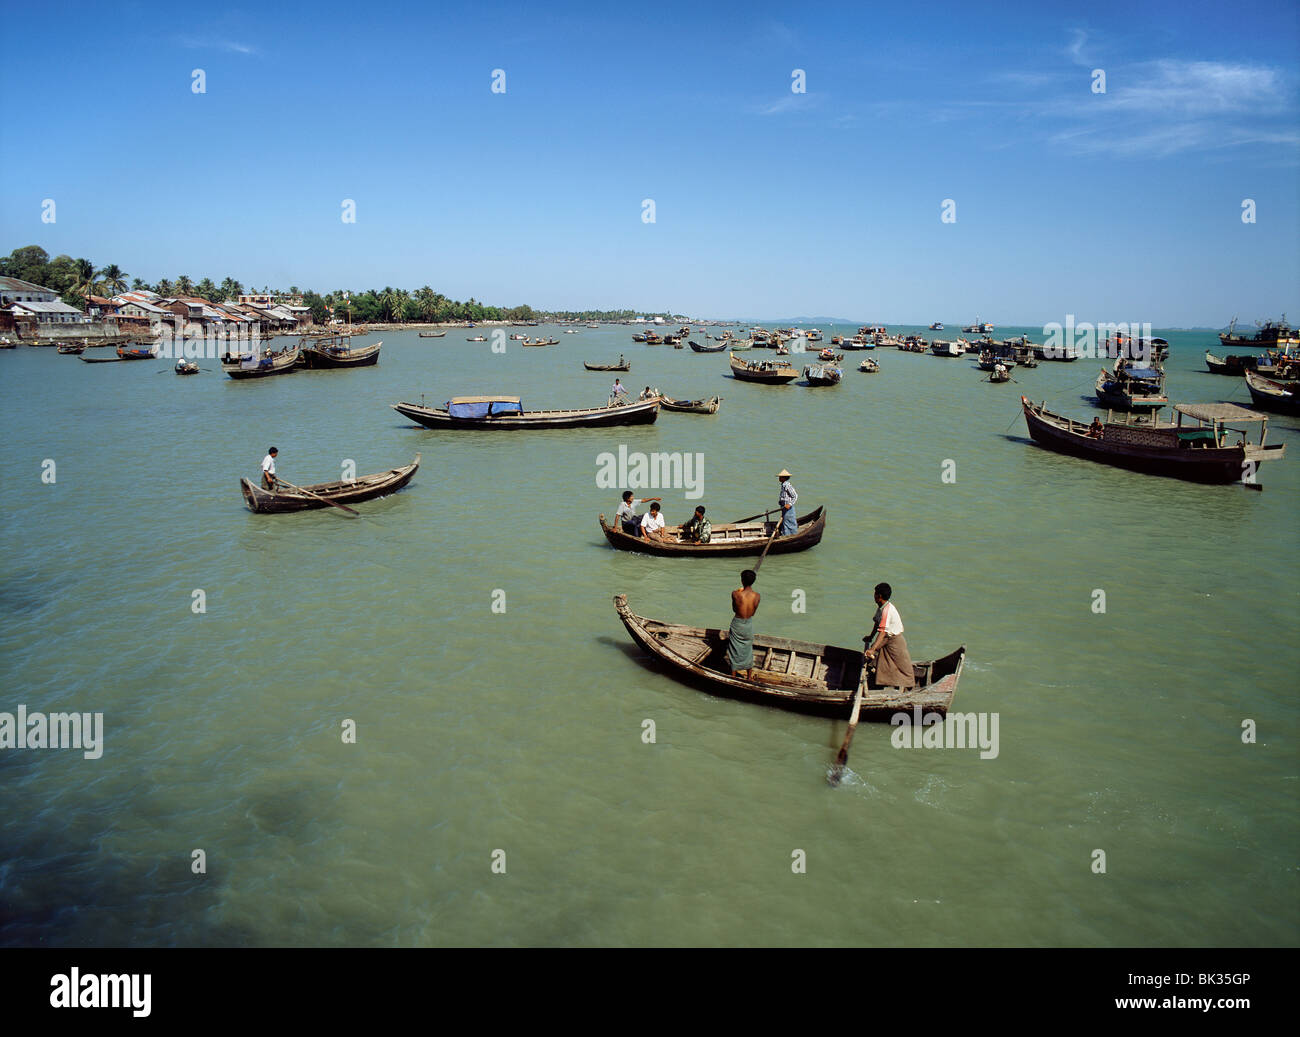 Der Hafen an der Mündung des Flusses Kaladan, Sittwe, Hauptstadt von Arakan State in Myanmar (Burma), Asien Stockbild